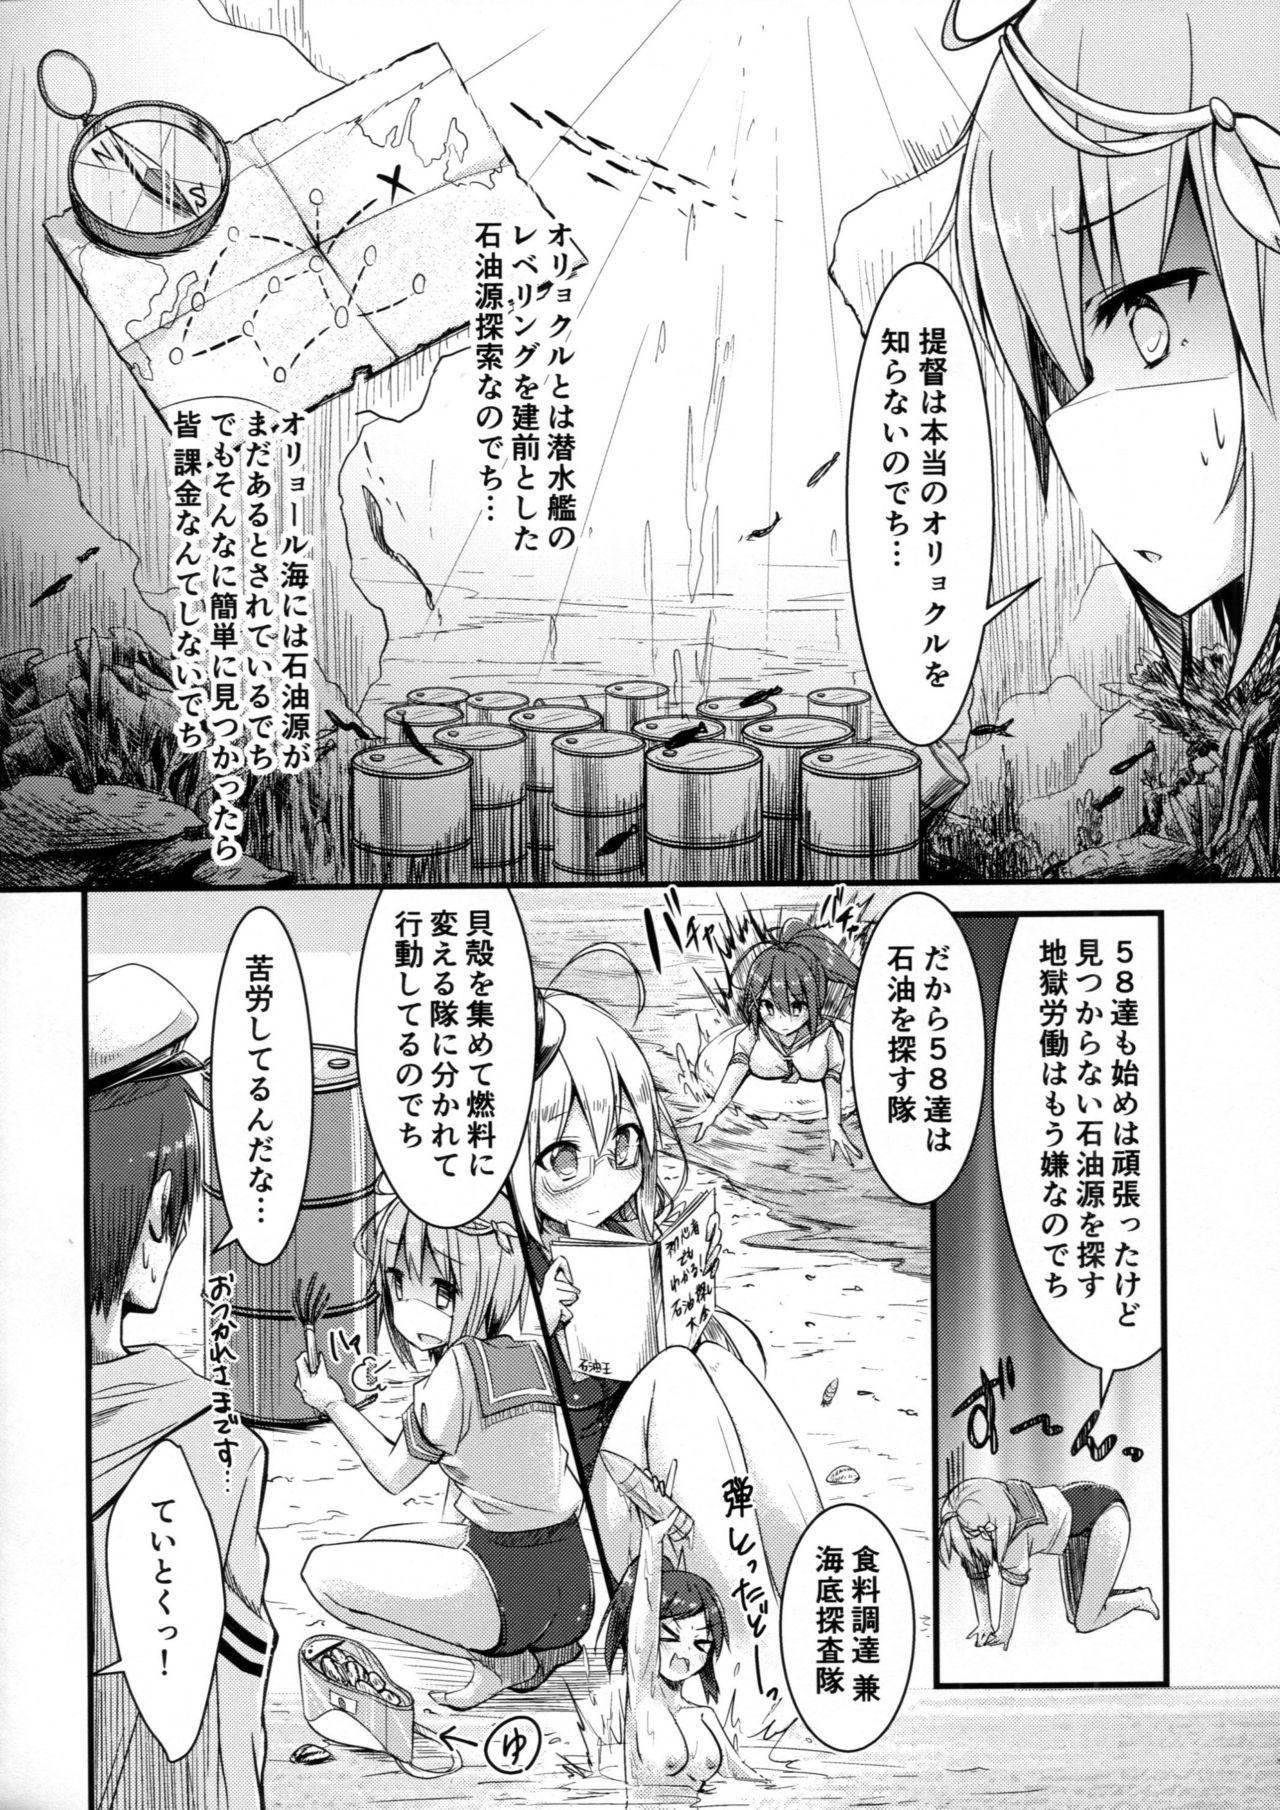 Iku to isshoni  Oryokuru Iku no!! 2 4